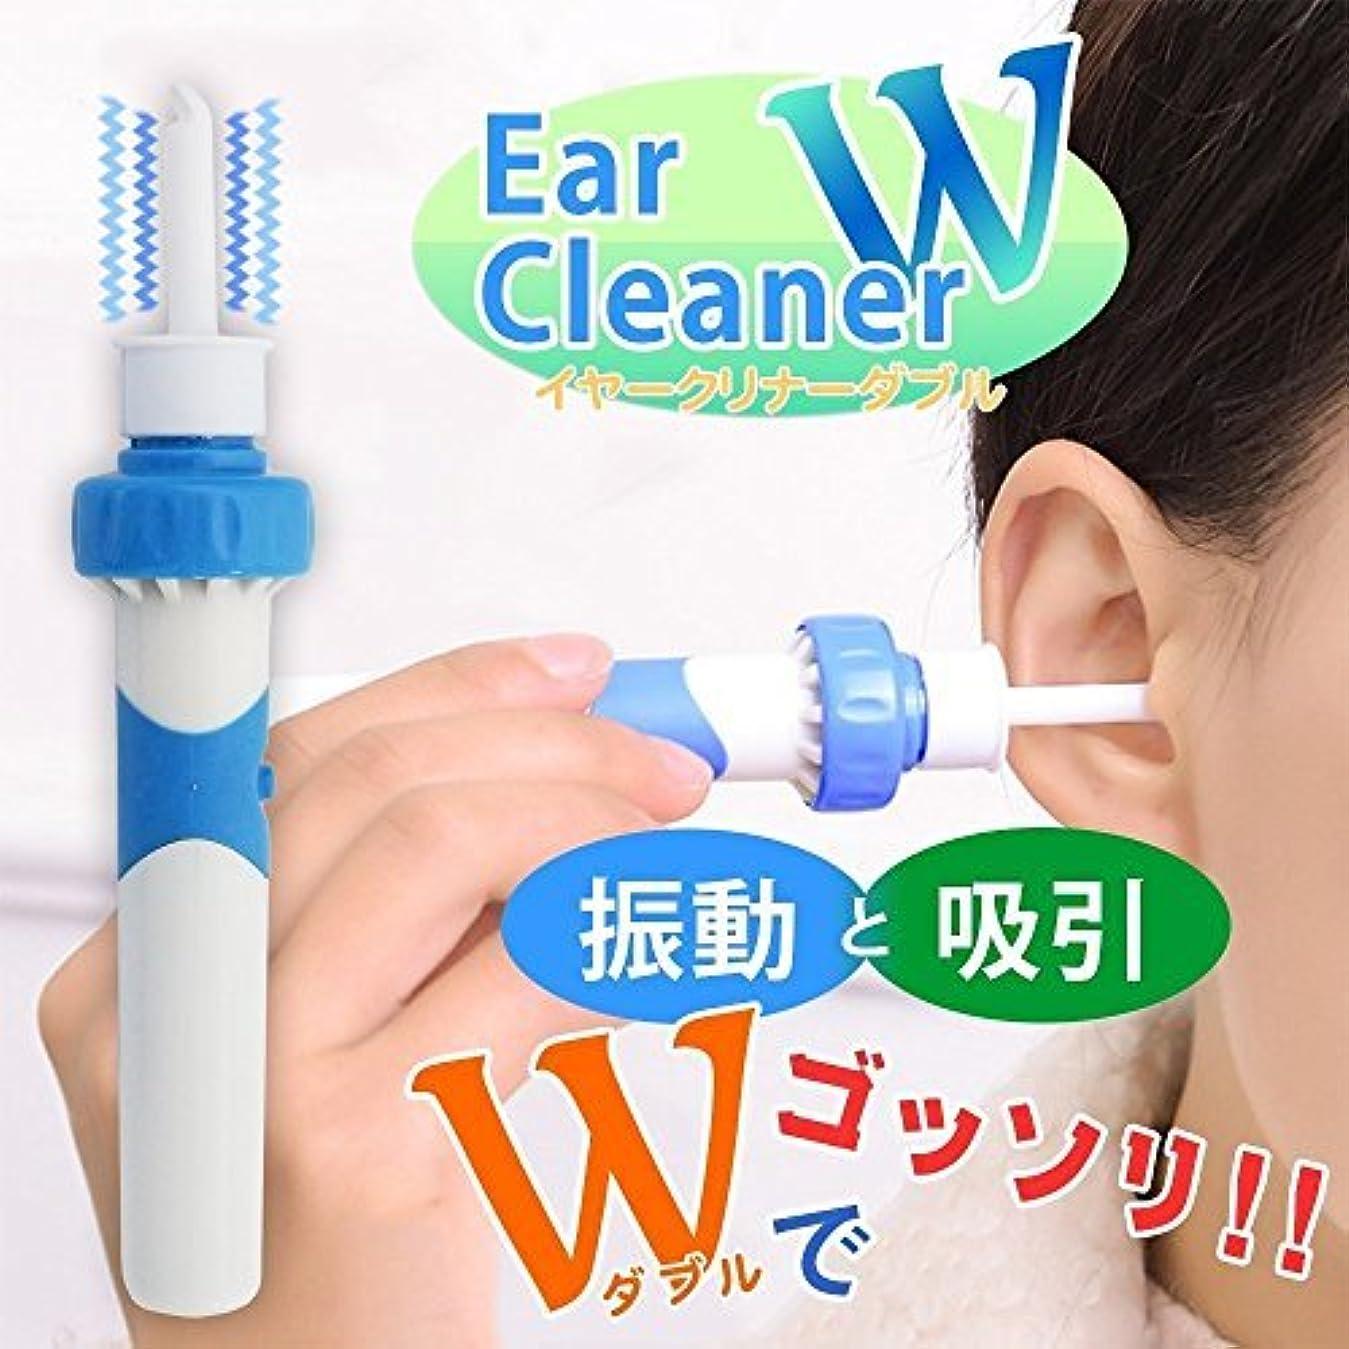 水没同行リア王CHUI FEN 耳掃除機 電動耳掃除 耳クリーナー 耳掃除 みみそうじ 耳垢 吸引 耳あか吸引